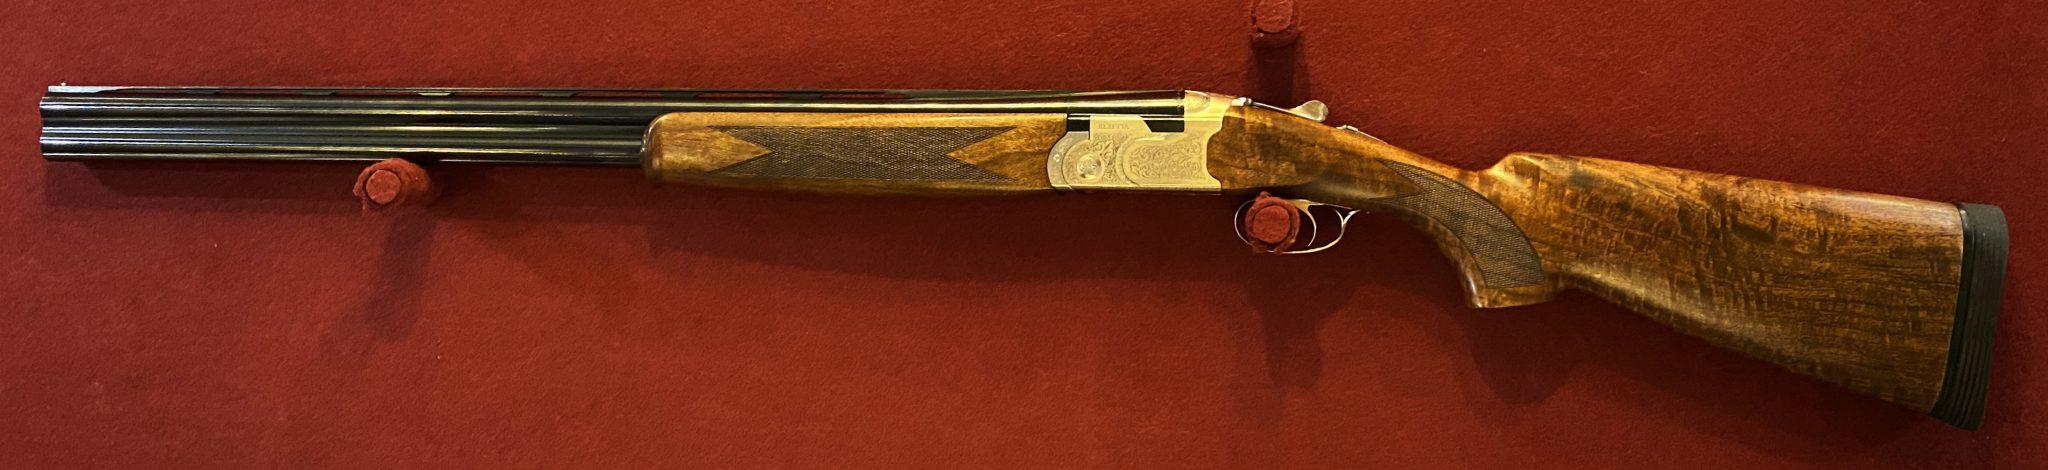 Beretta 686 Silver Pigeon